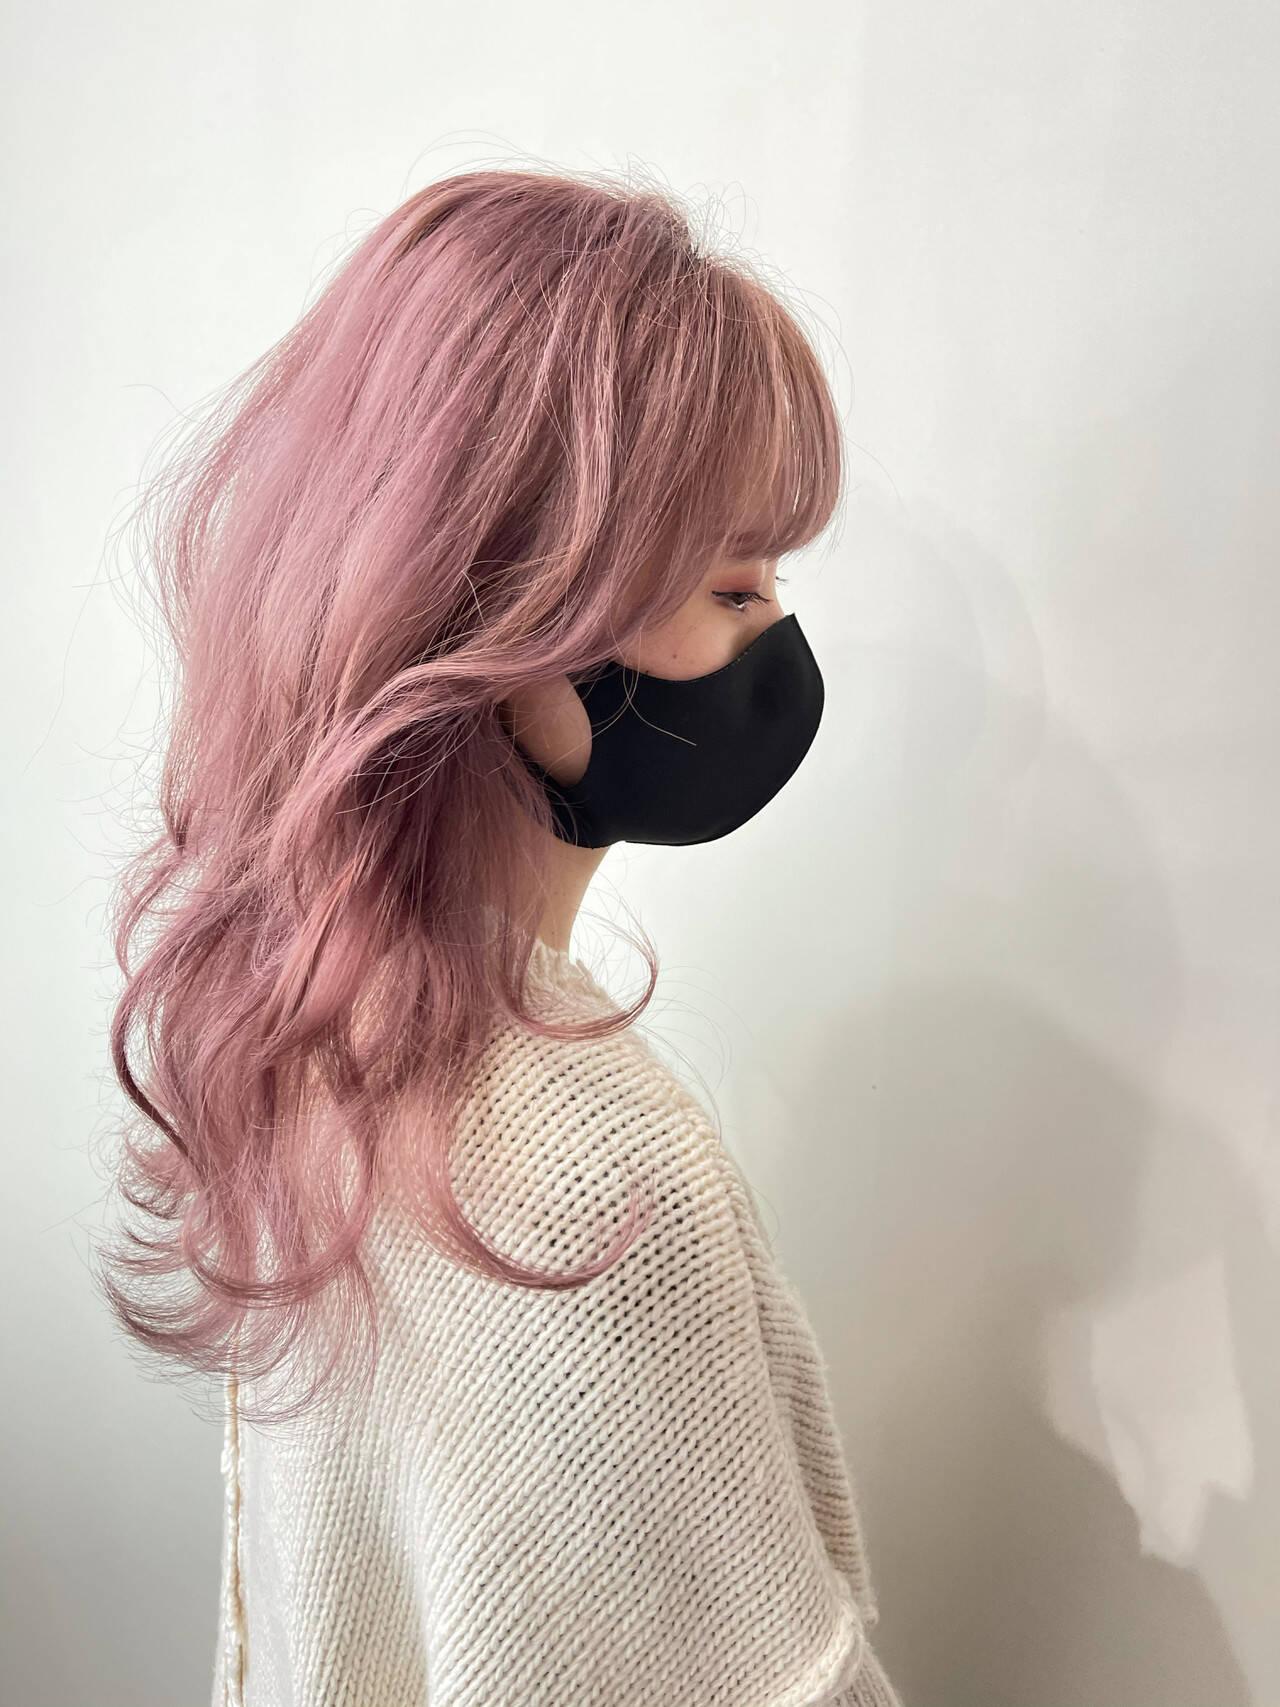 セミロング ピンク ベリーピンク ピンクアッシュヘアスタイルや髪型の写真・画像